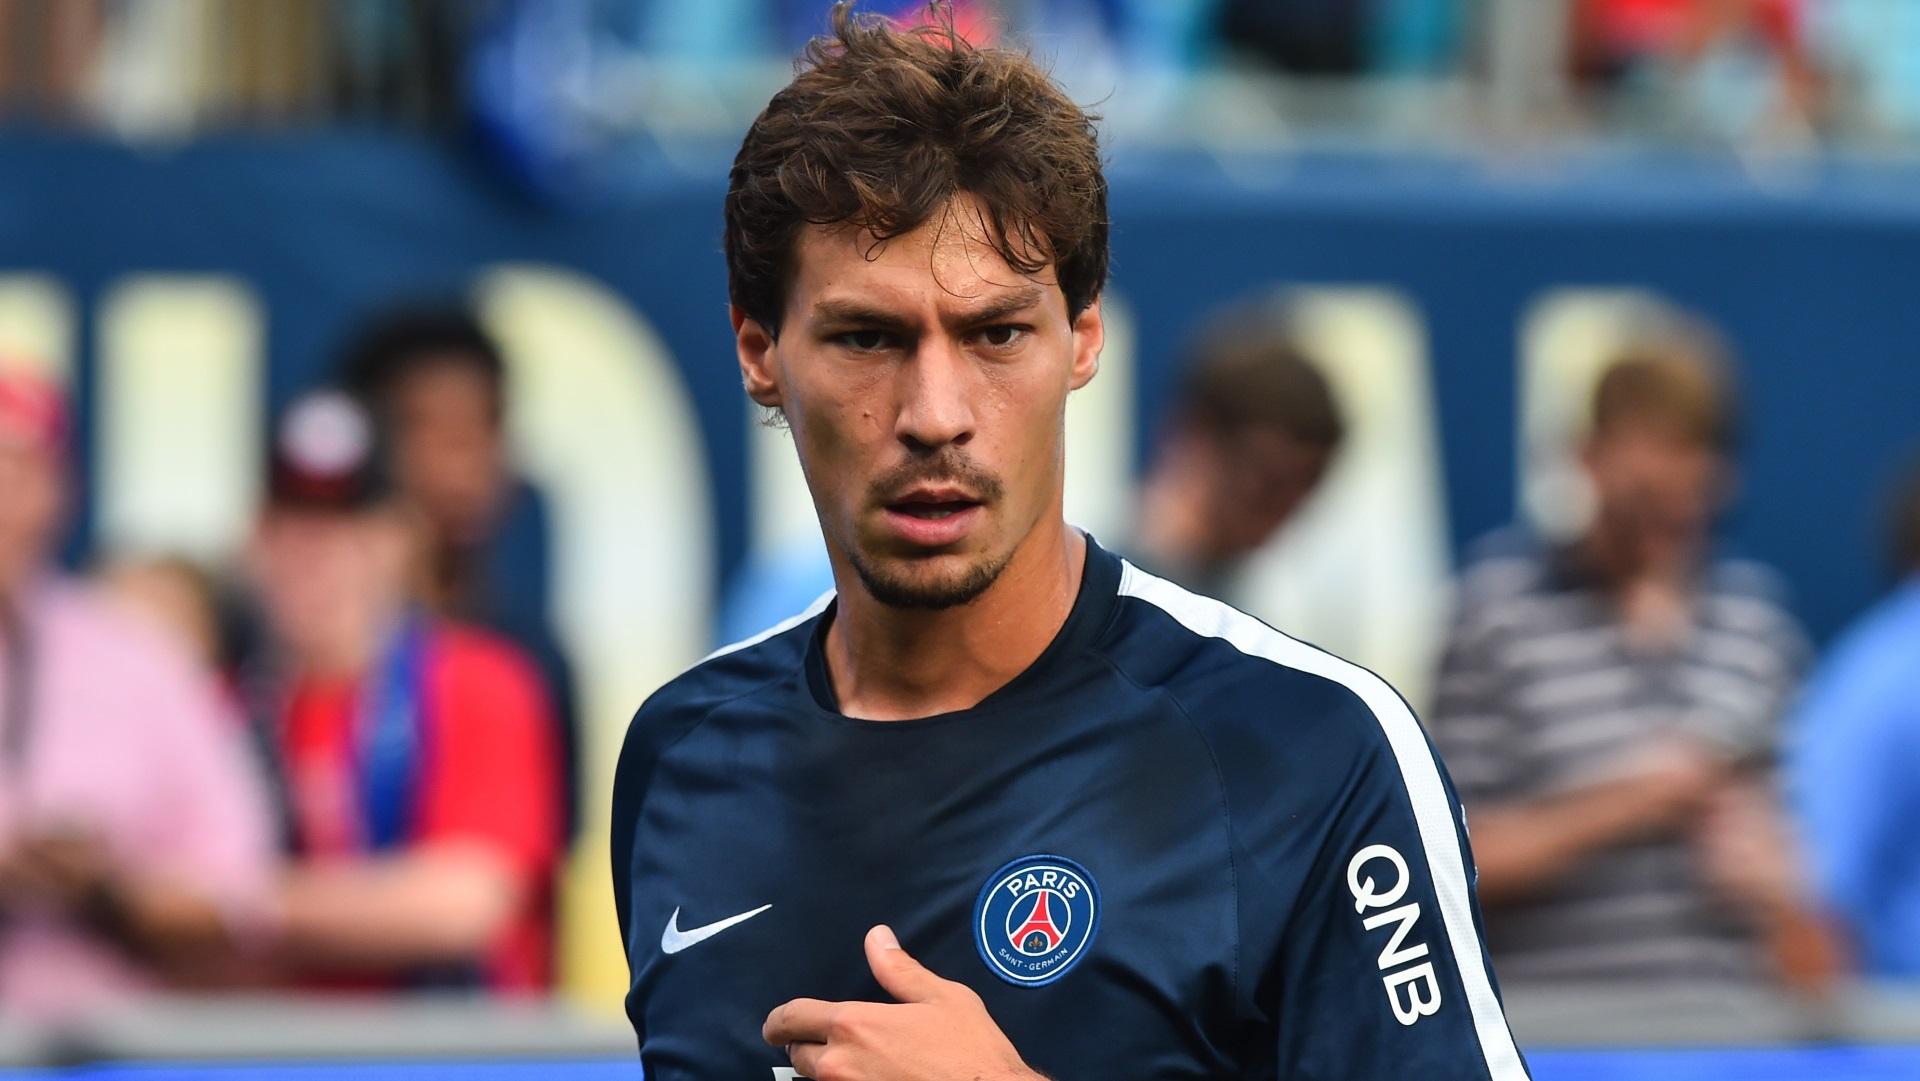 Benjamin Stambouli of Paris Saint-Germain